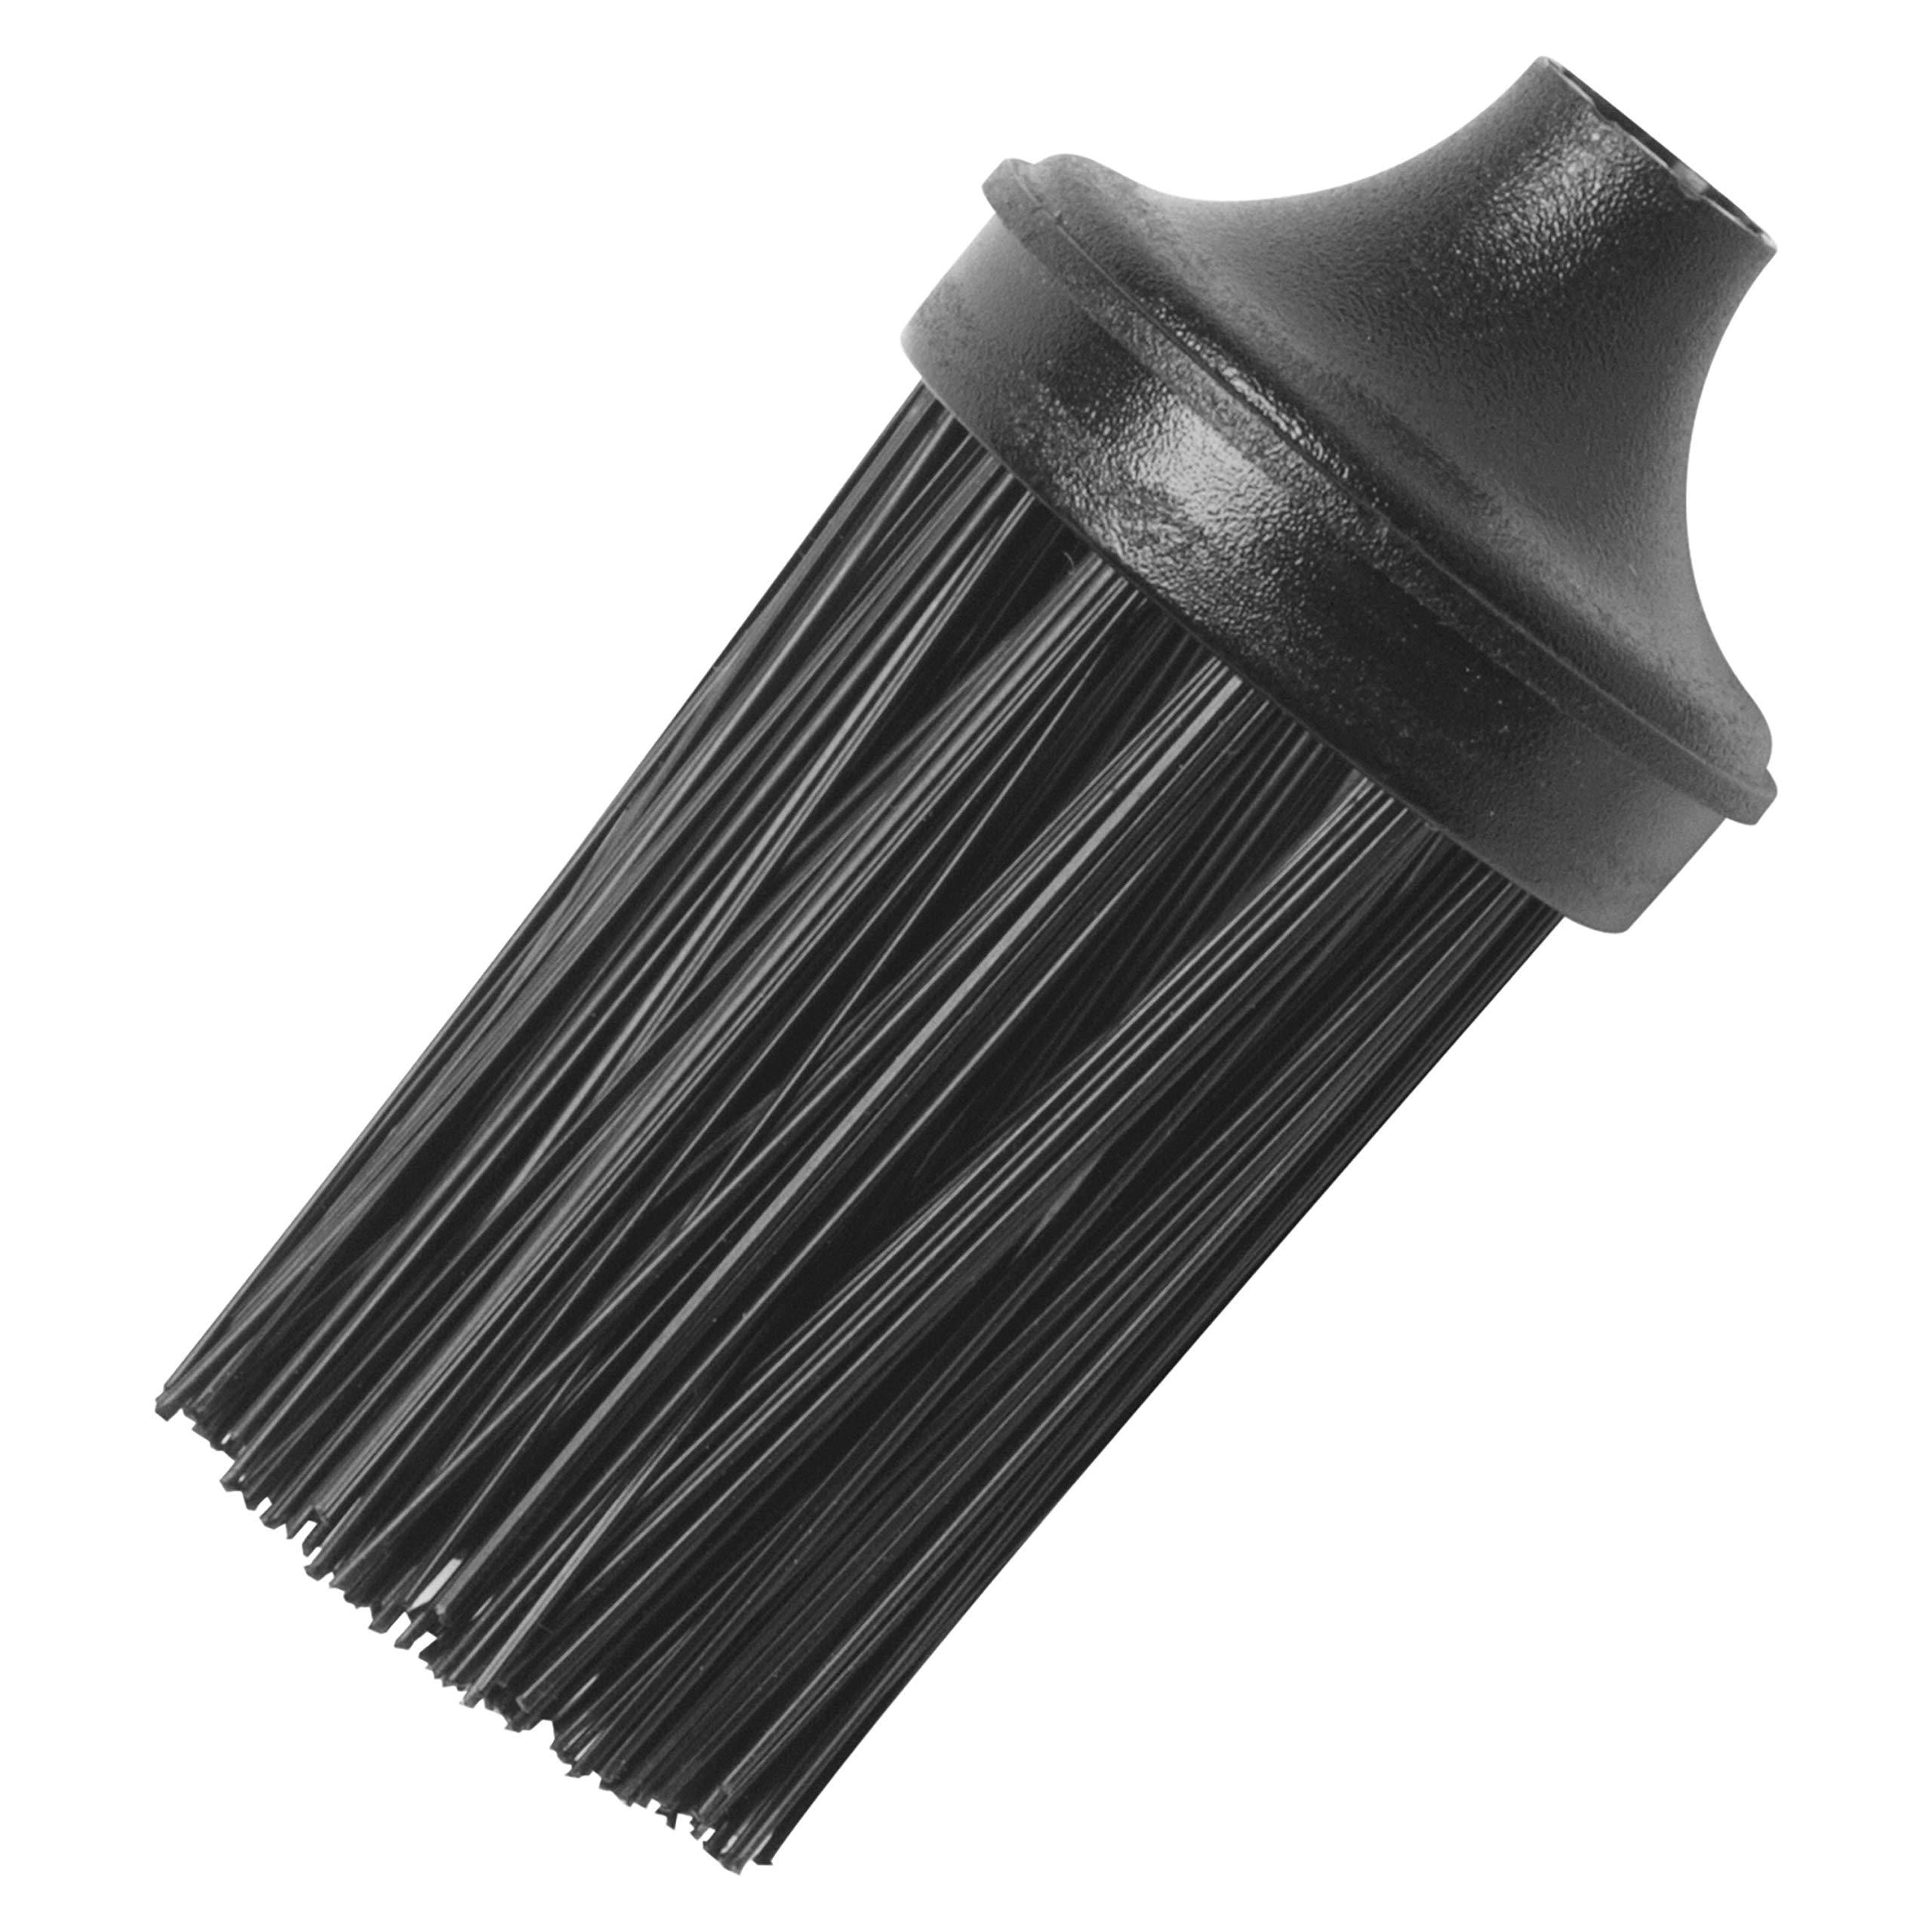 Dremel PC369-1 Accesorio Cepillo Esquinero